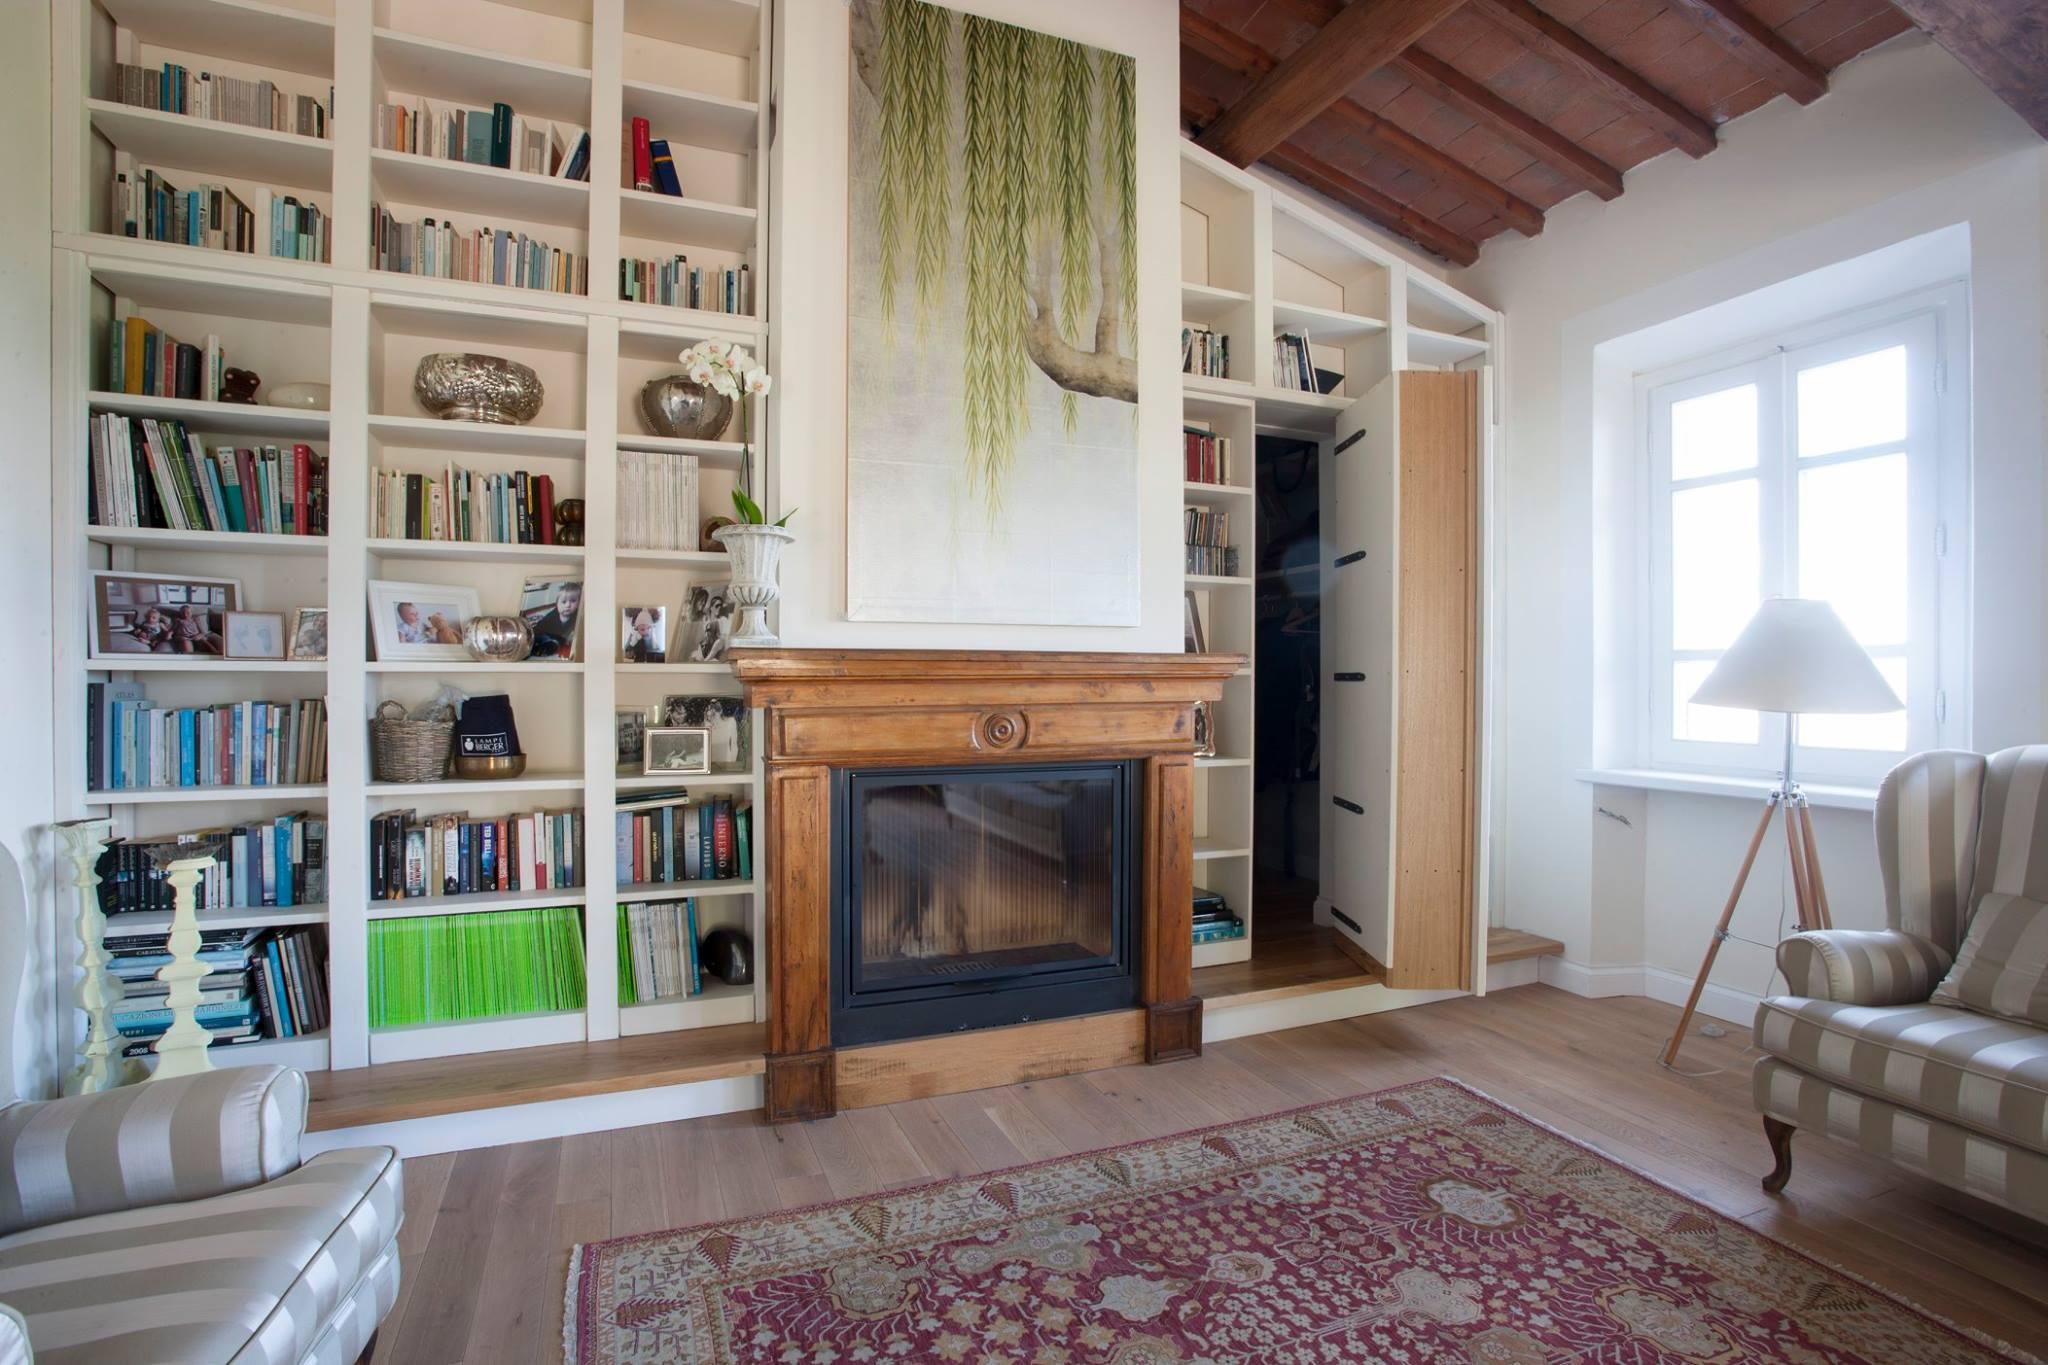 Libreria con porta libreria arredamenti su misura for Arredamento centro estetico prezzi